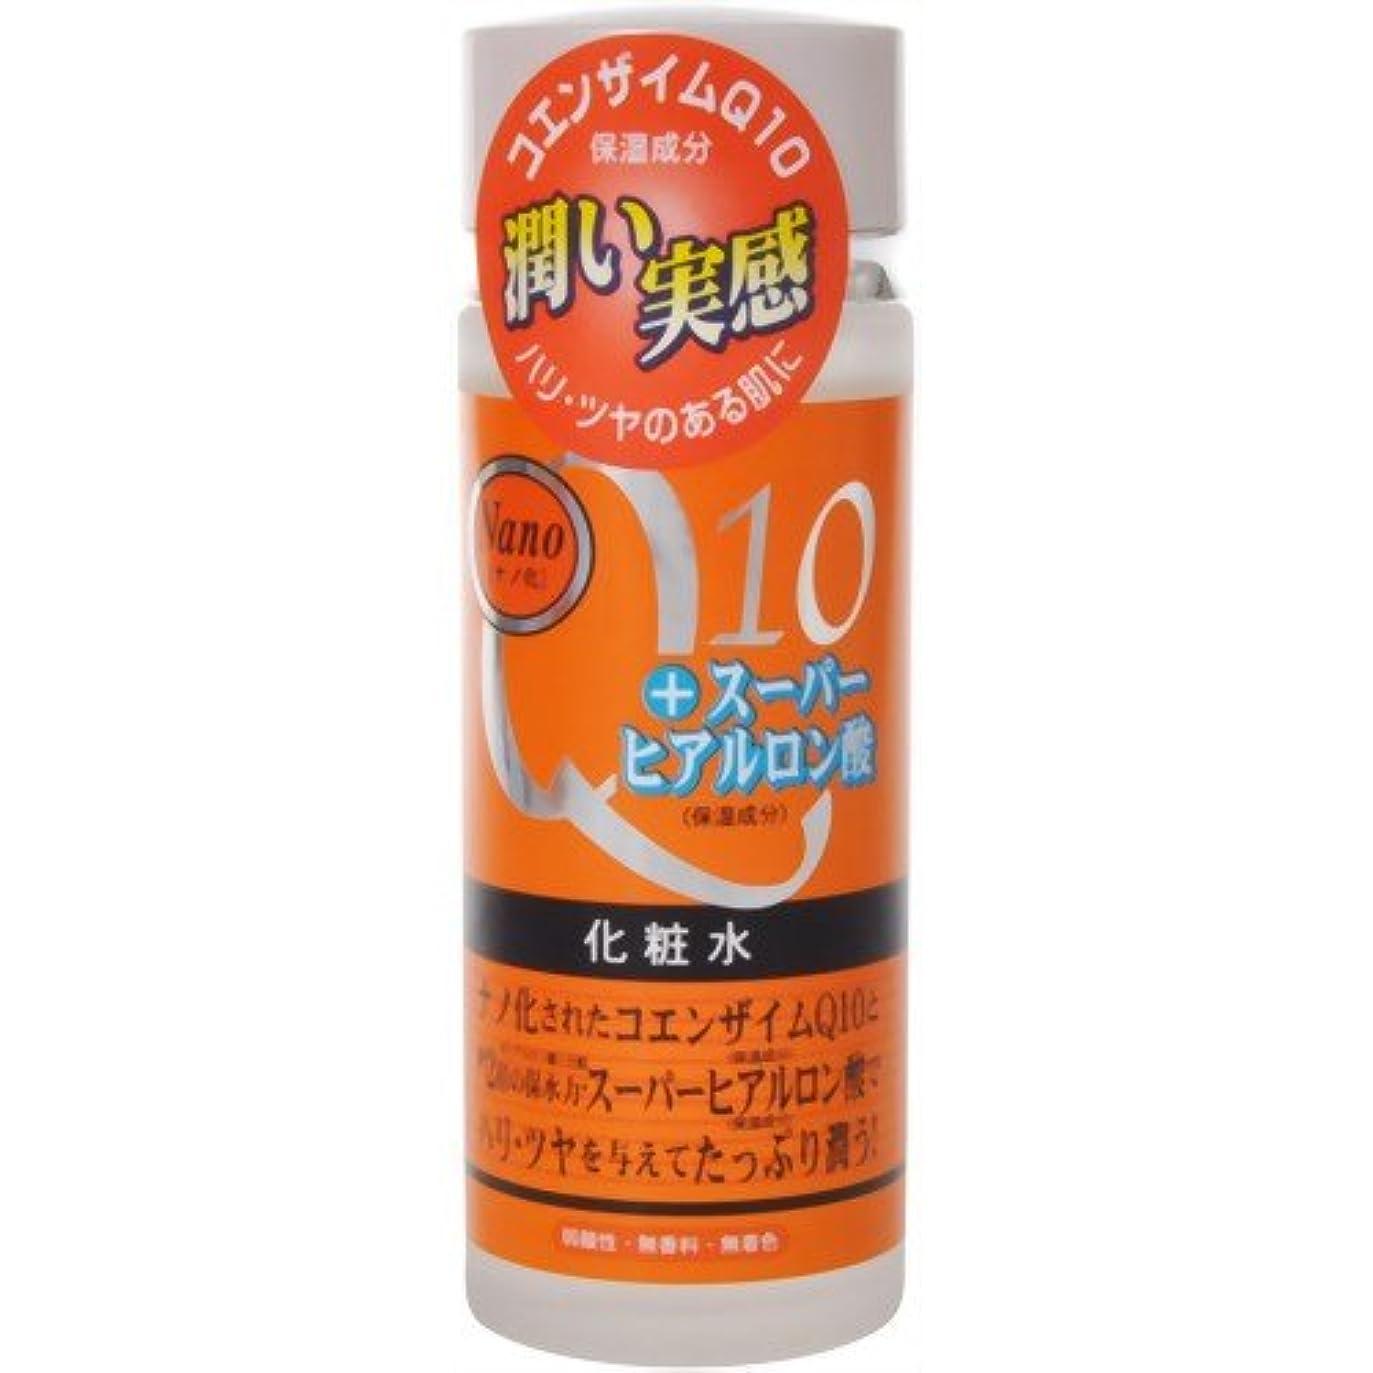 受信バルセロナ知覚的ナノ化?コエンザイムQ10&スーパーヒアルロン酸化粧水 120ml